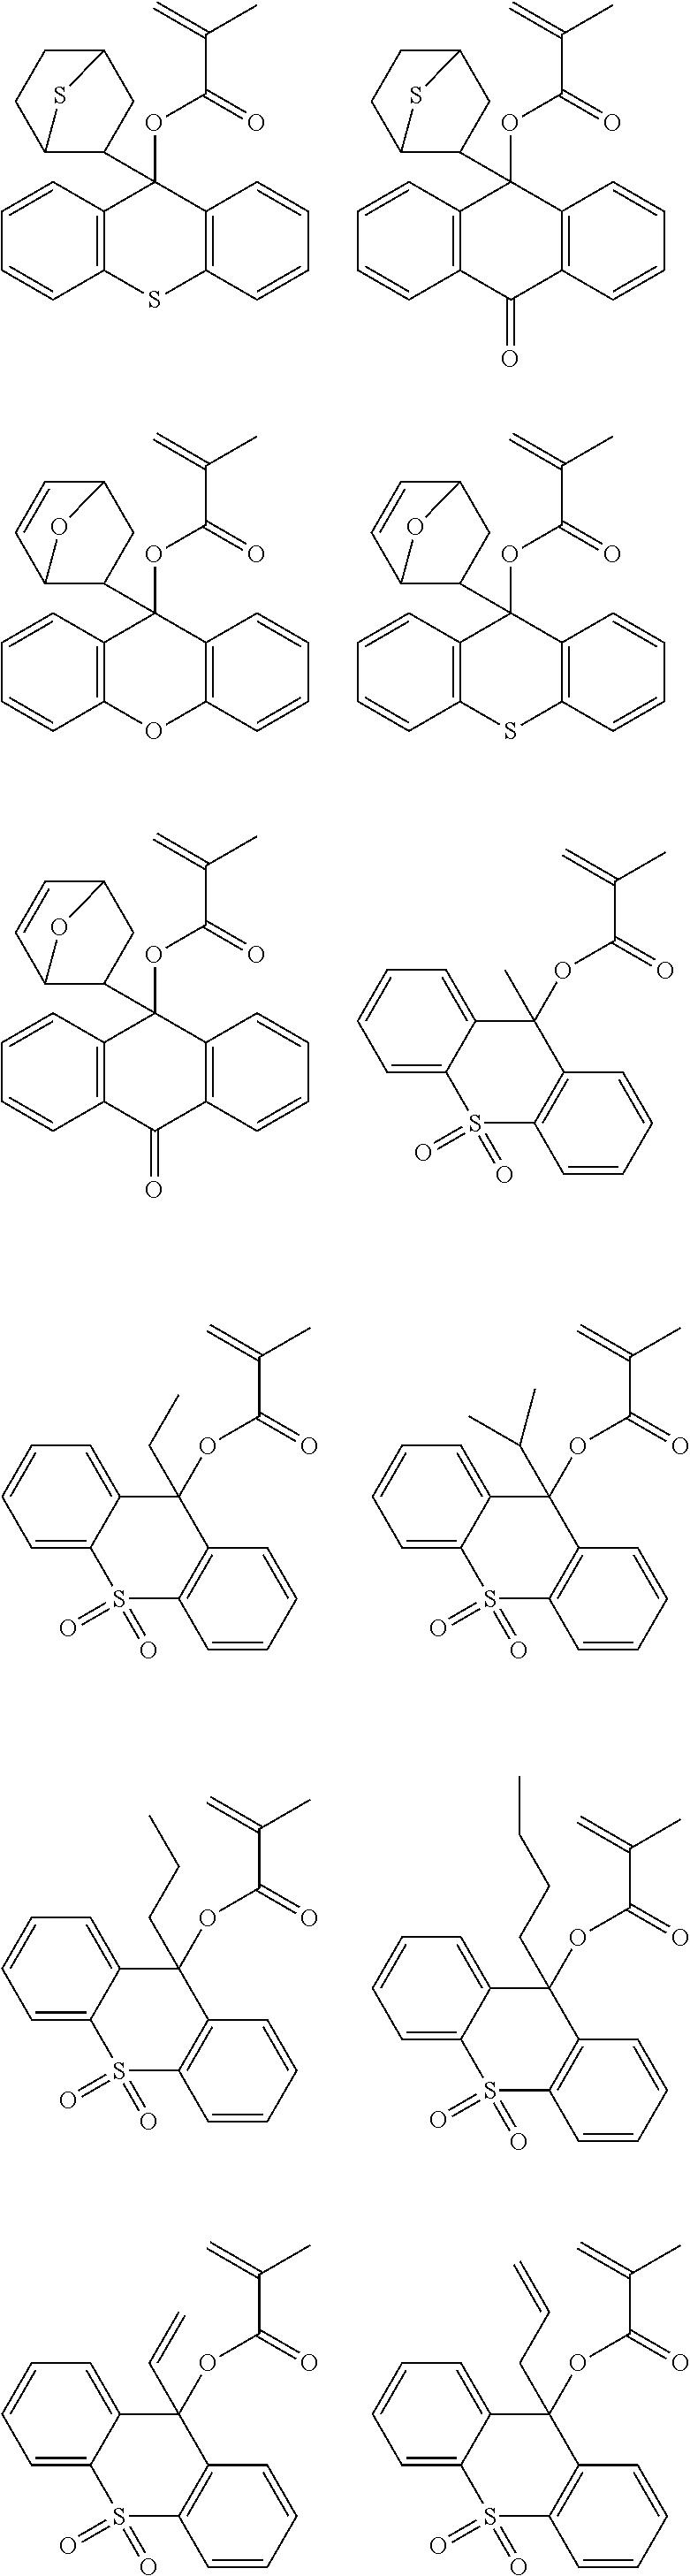 Figure US09040223-20150526-C00132